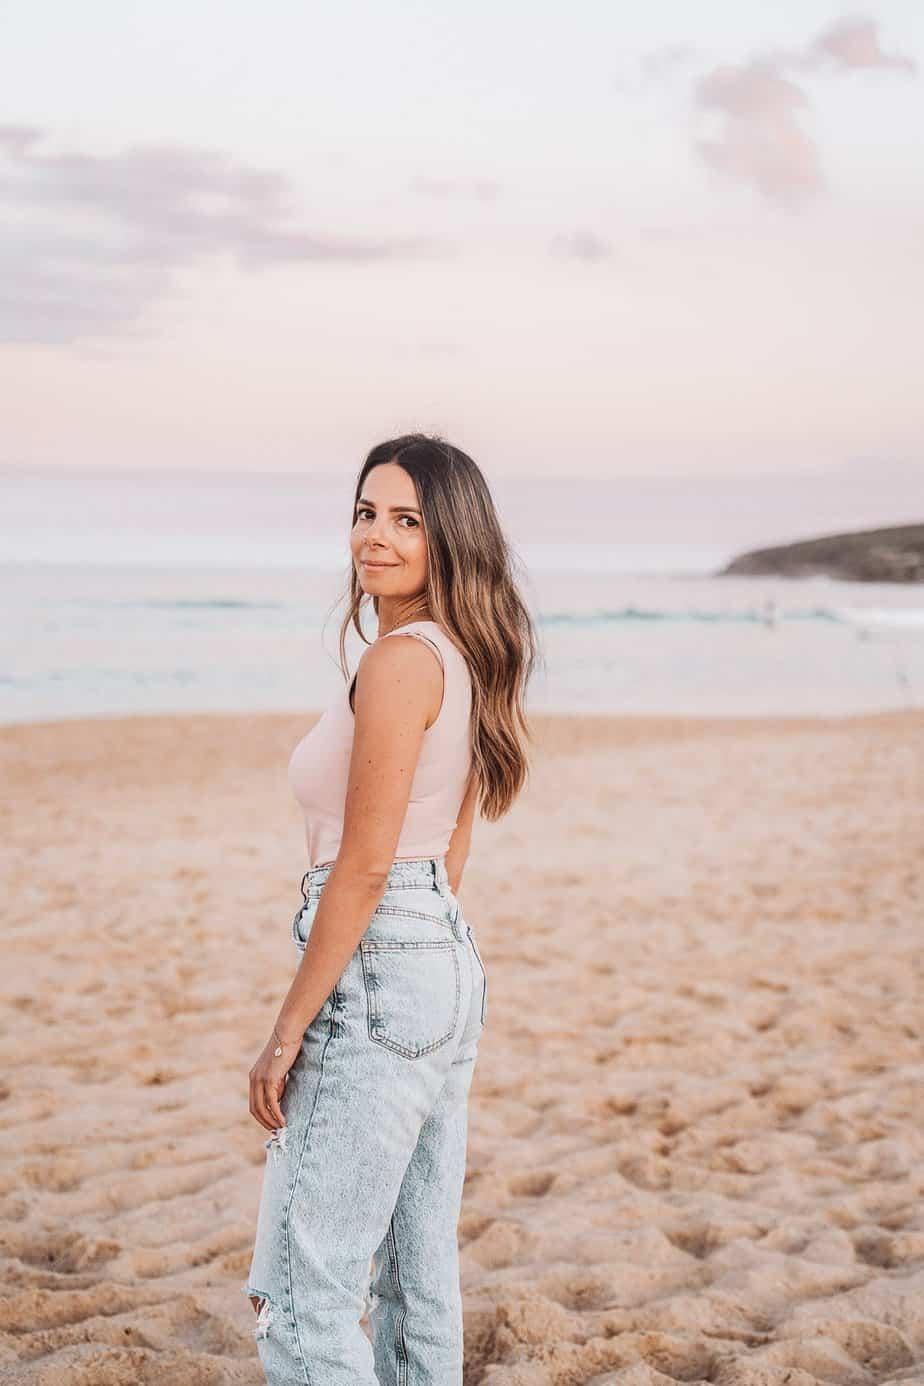 Sydney_Sophie_francescabandiera_portrait_1